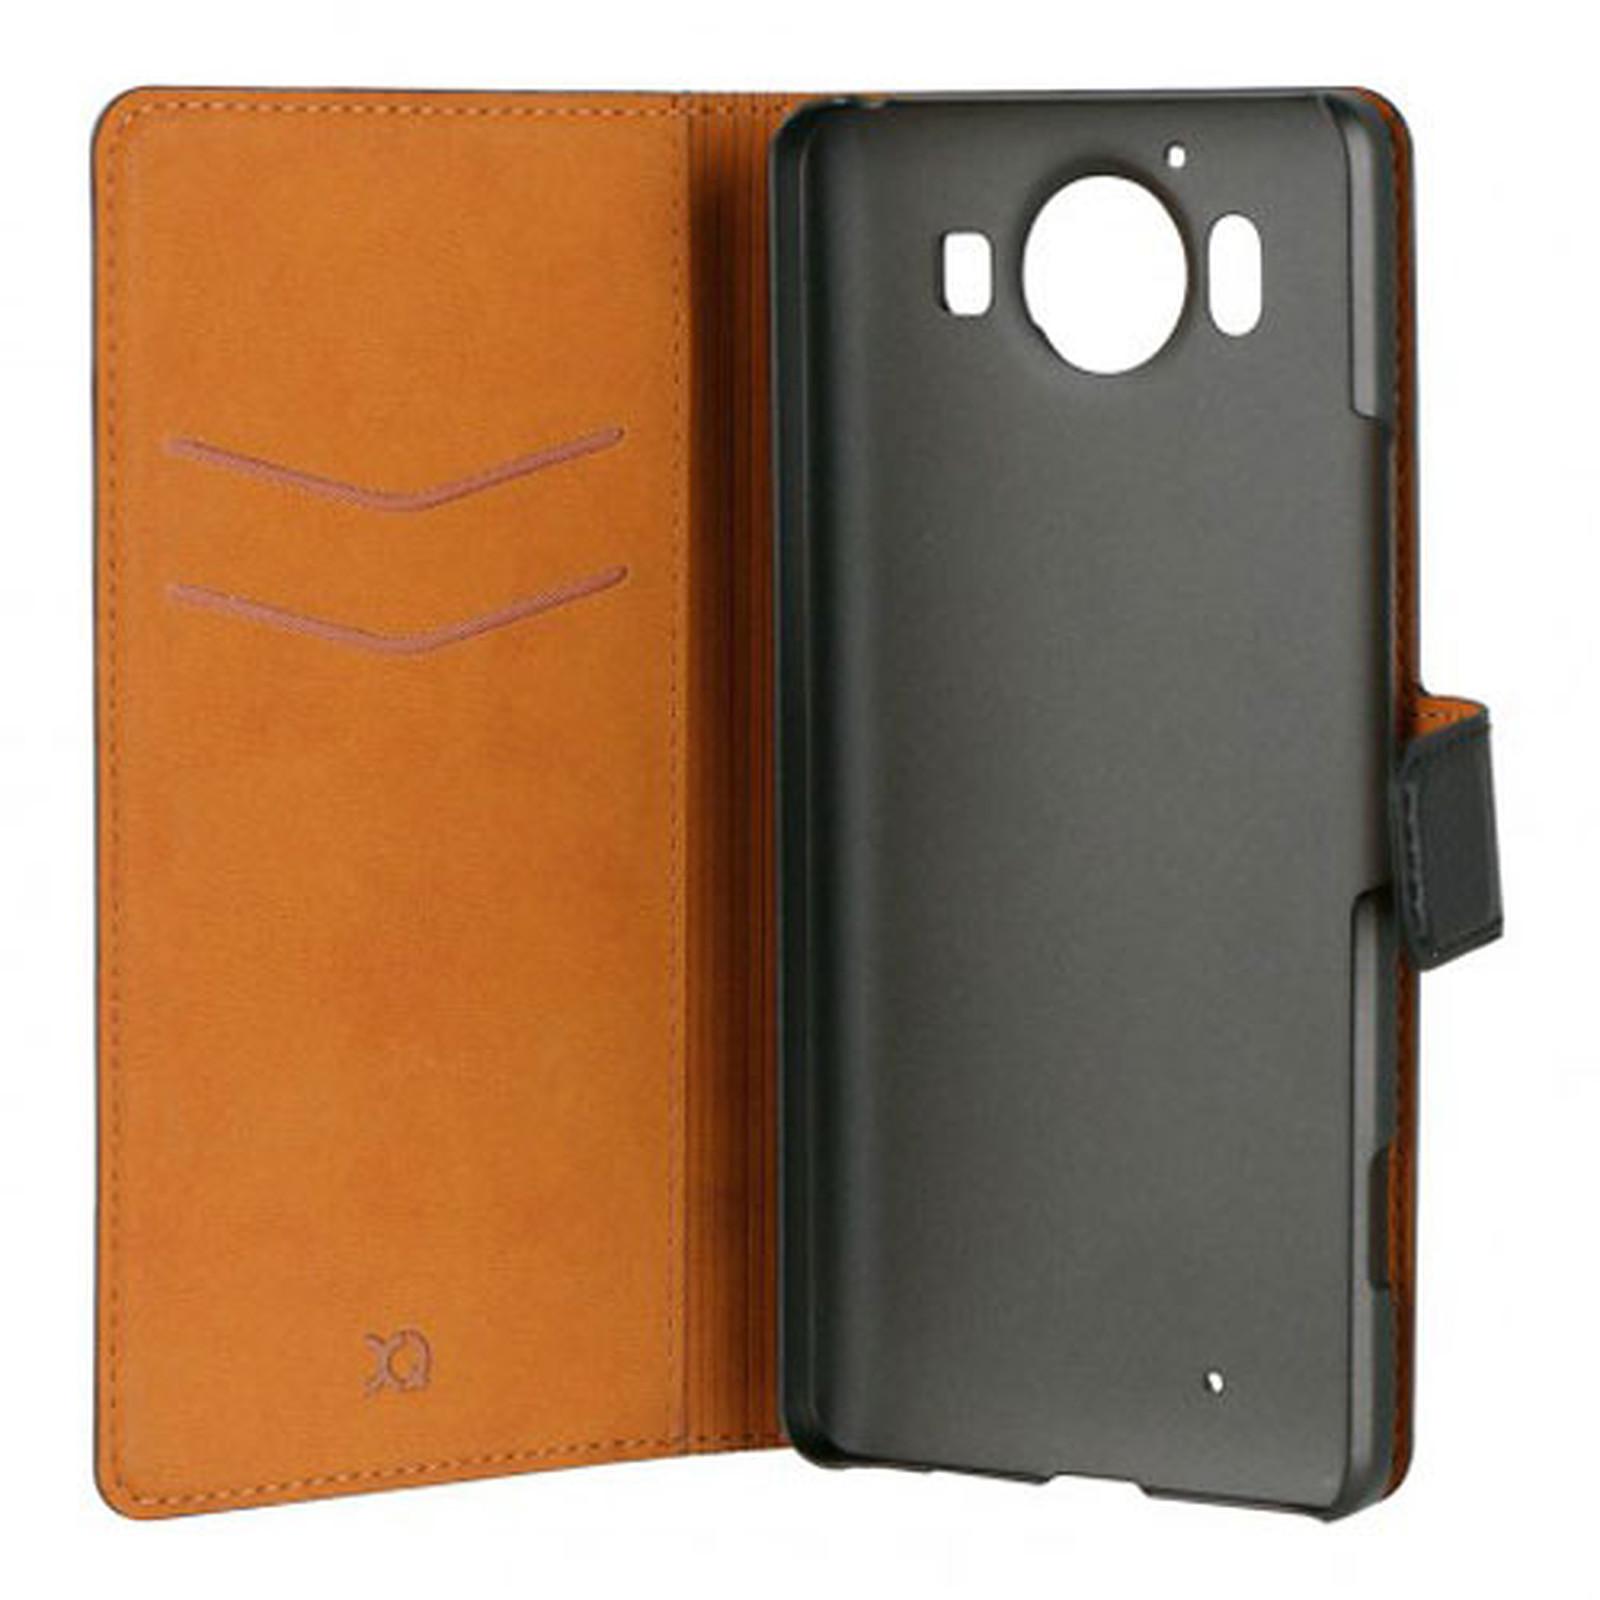 xqisit Etui Folio Wallet Slim Noir Microsoft Lumia 950